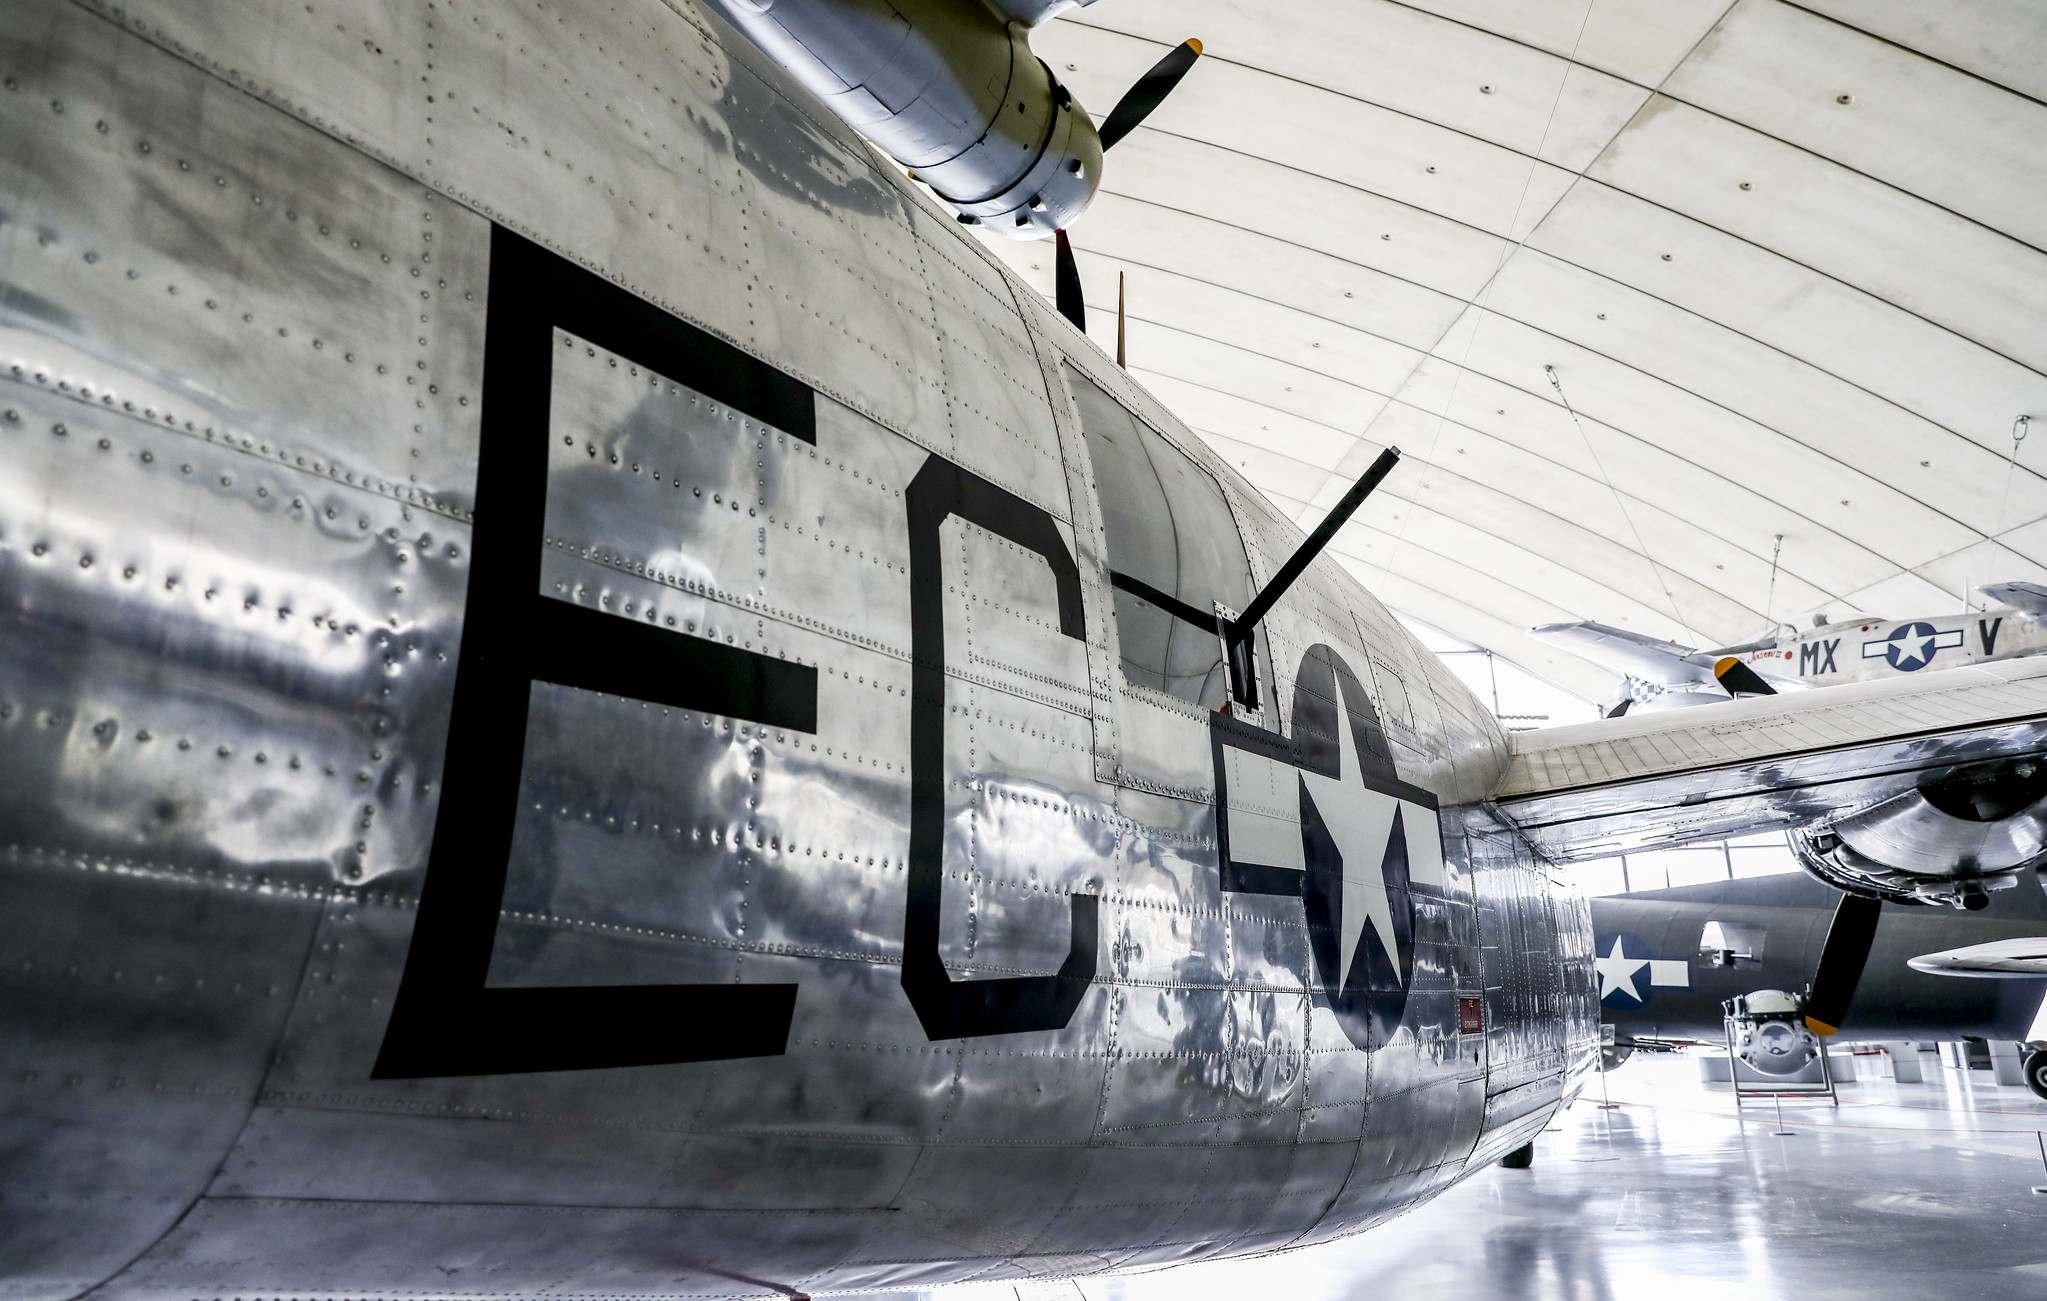 duxford air museum9 Imperial War Museum Duxford in Cambridge, England